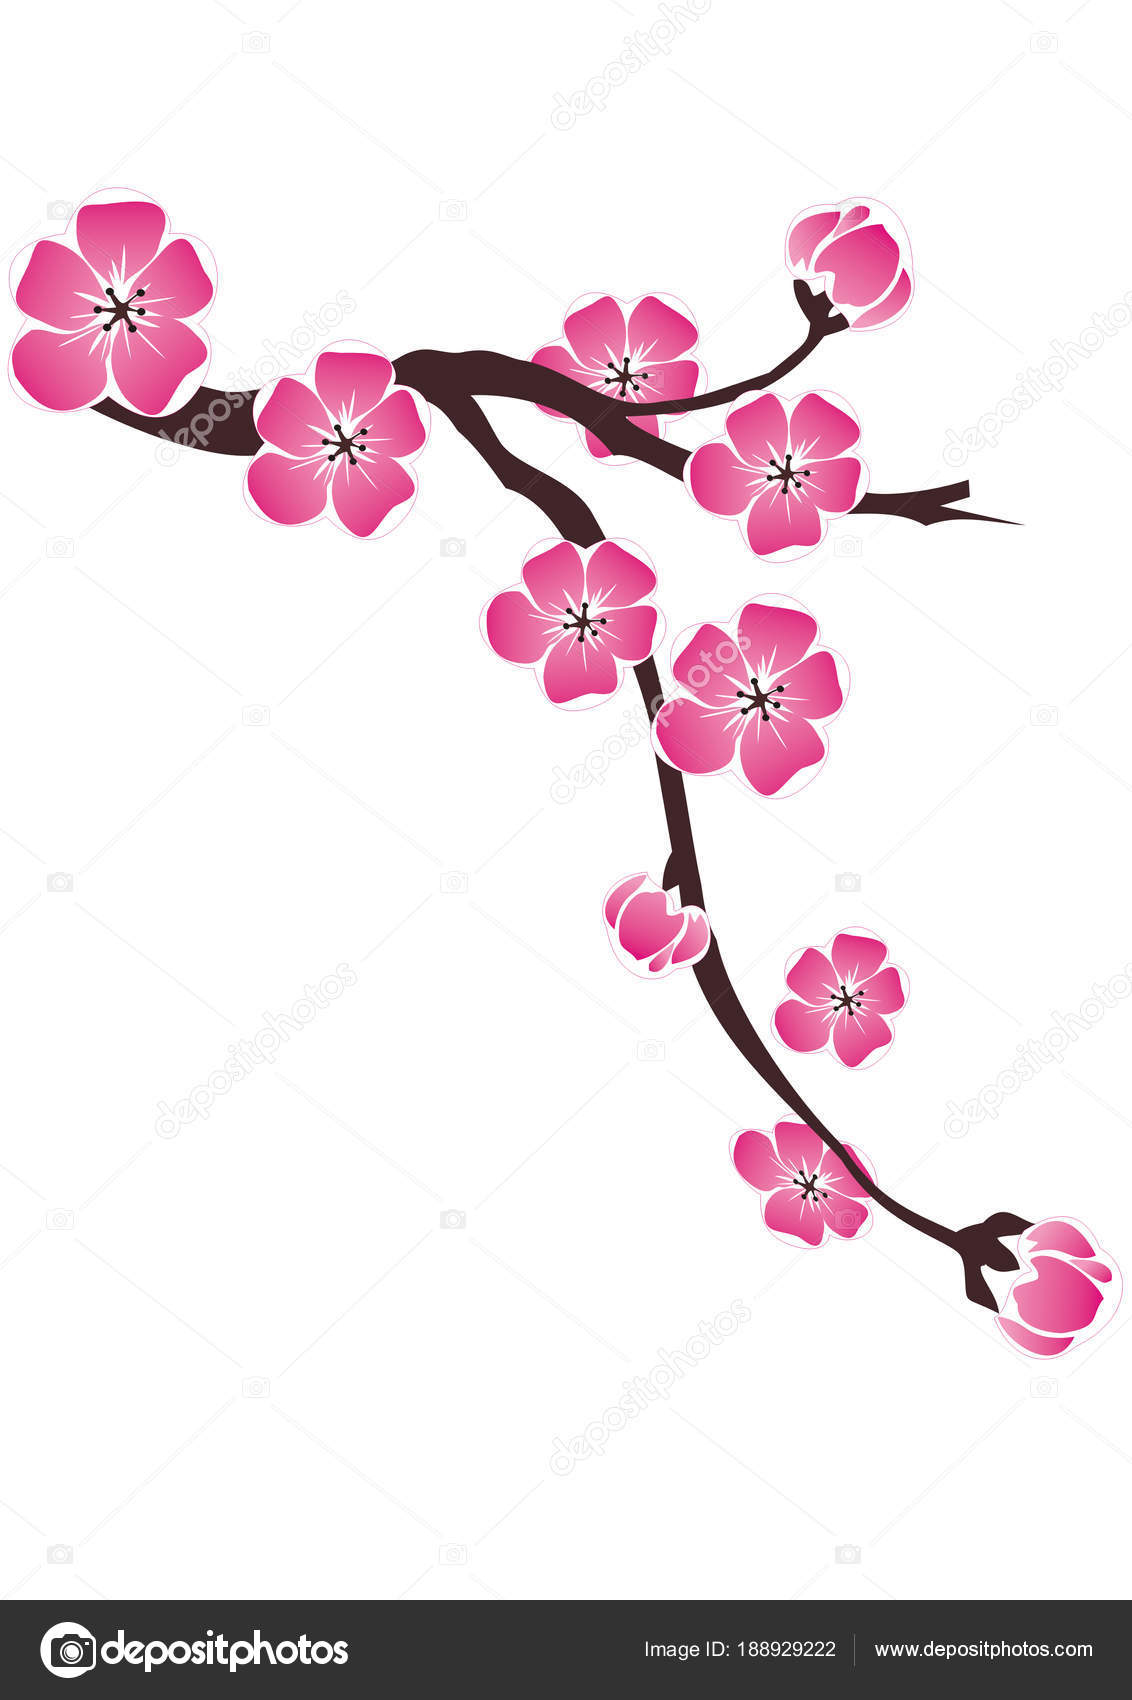 Branche Fleurs Cerisiers Sur Fond Blanc Dans Dessin Photographie